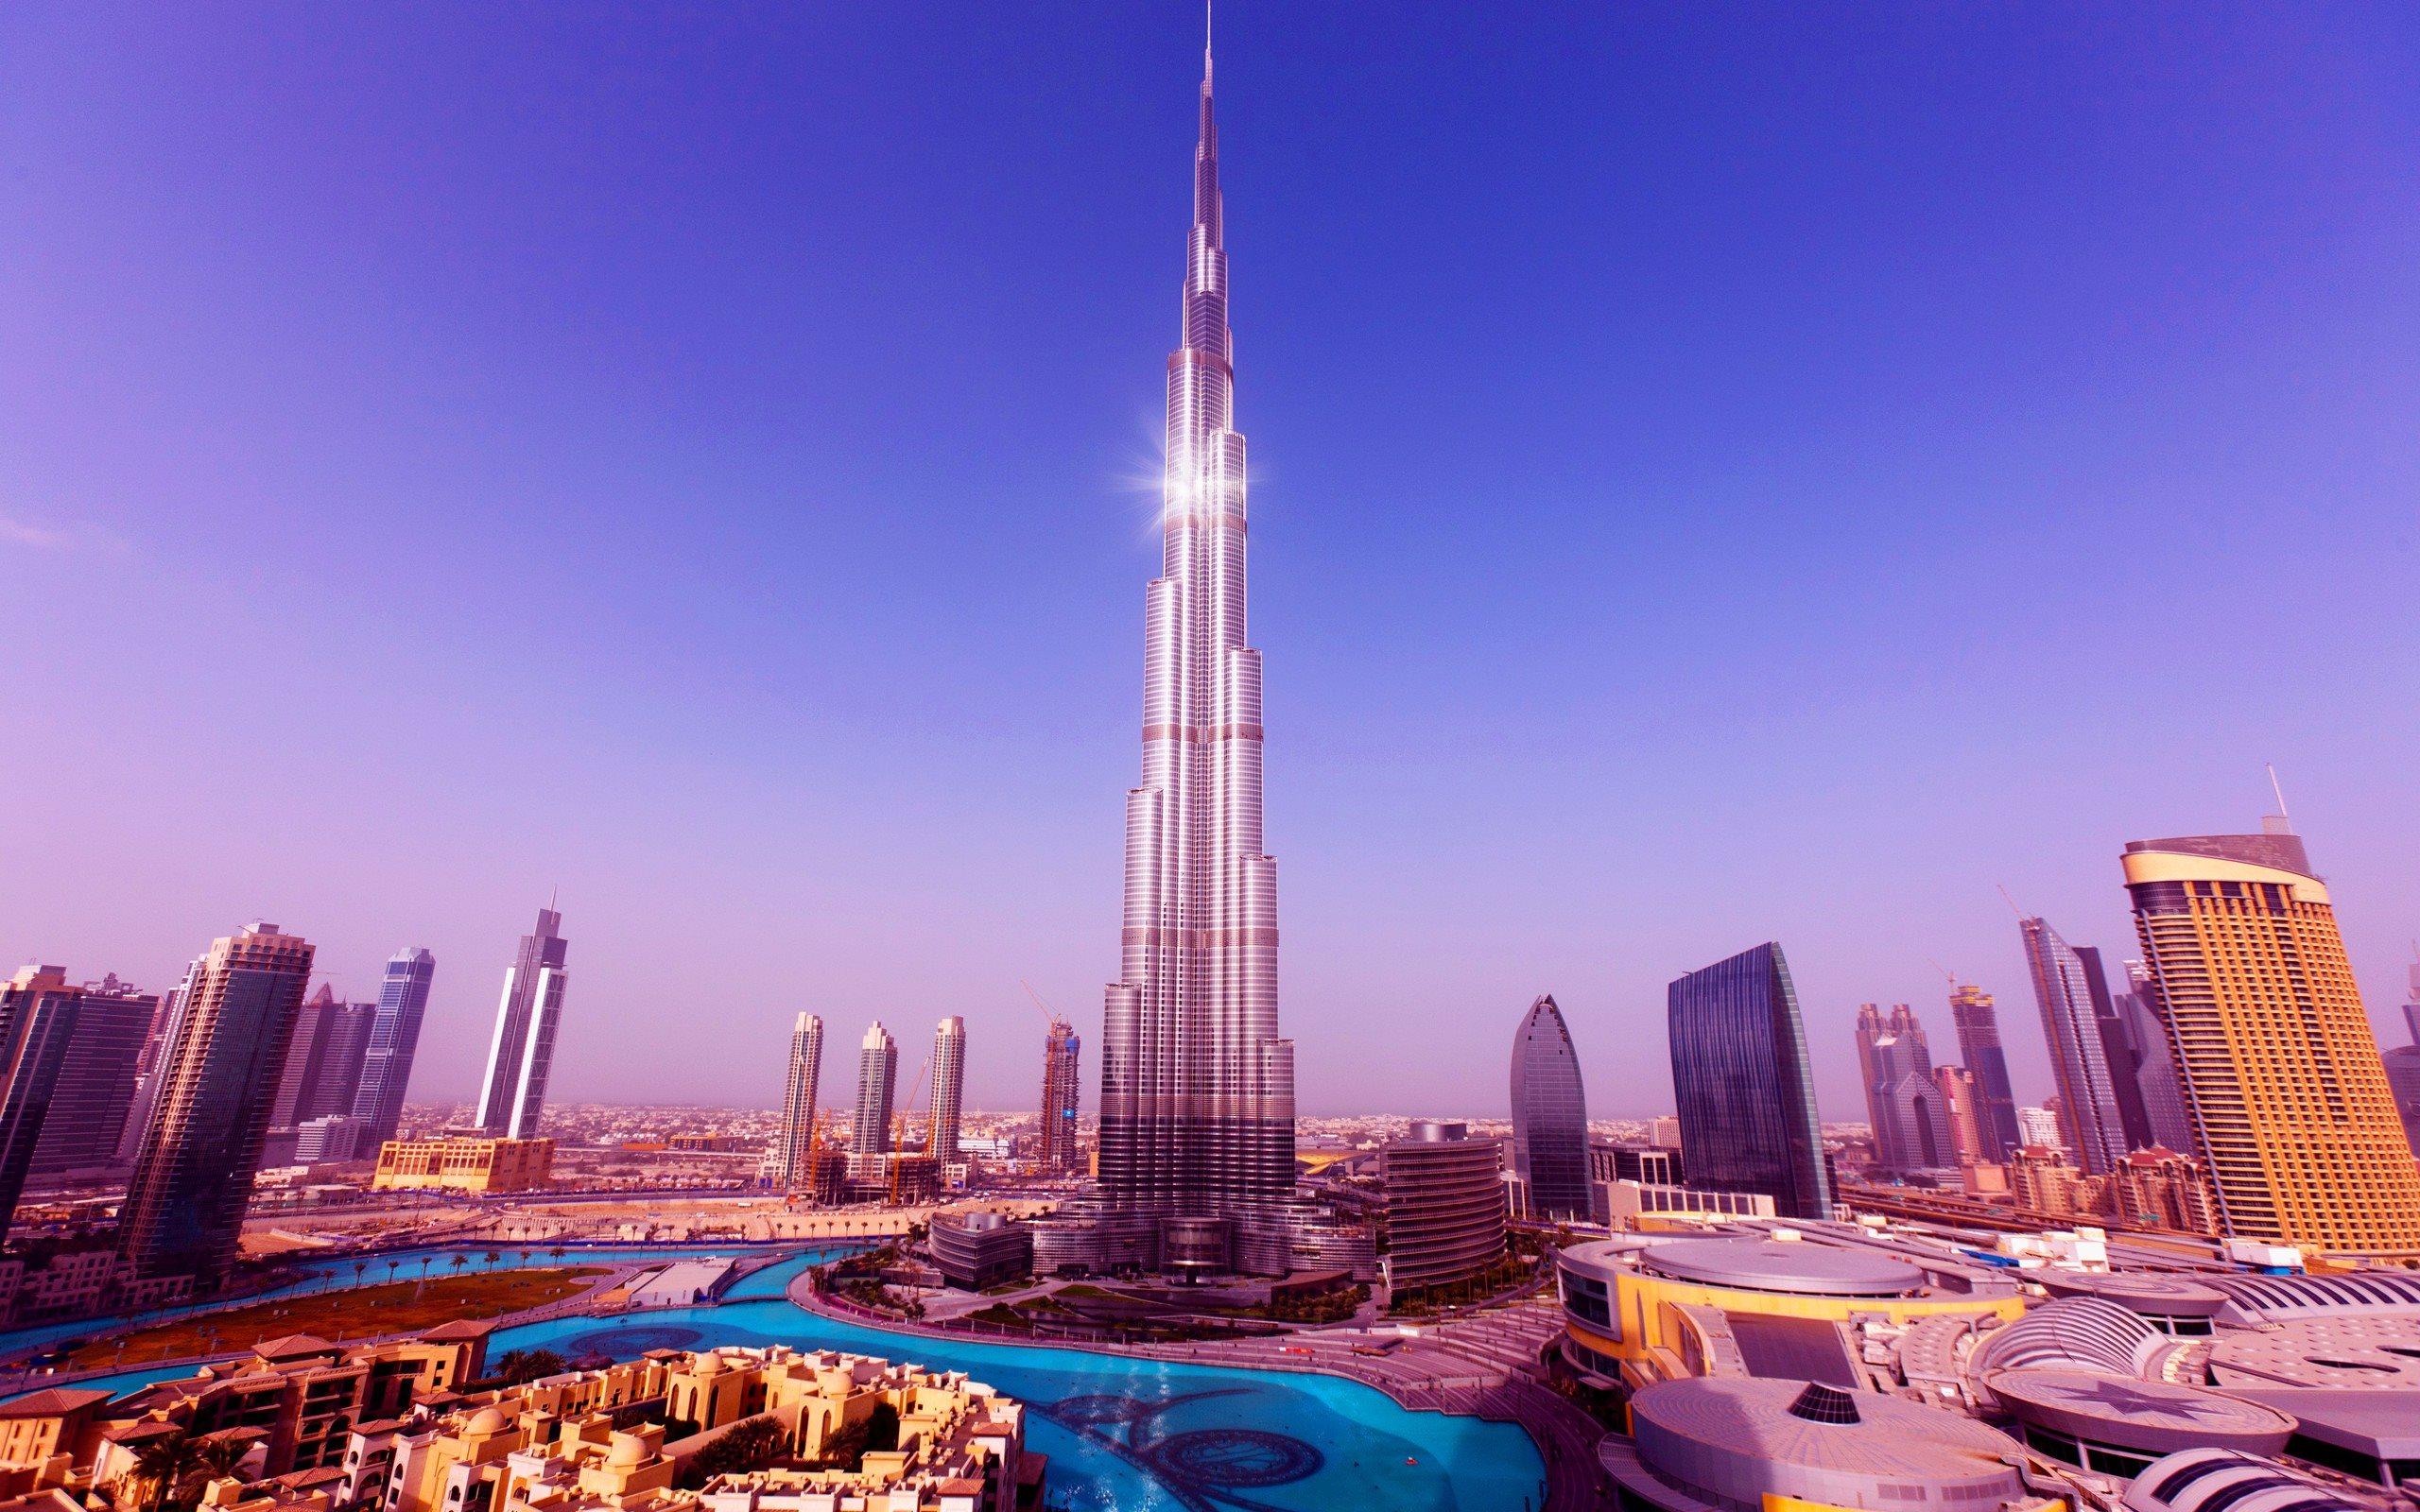 Tallest Tower Burj Khalifa Wallpaper 2560x1600